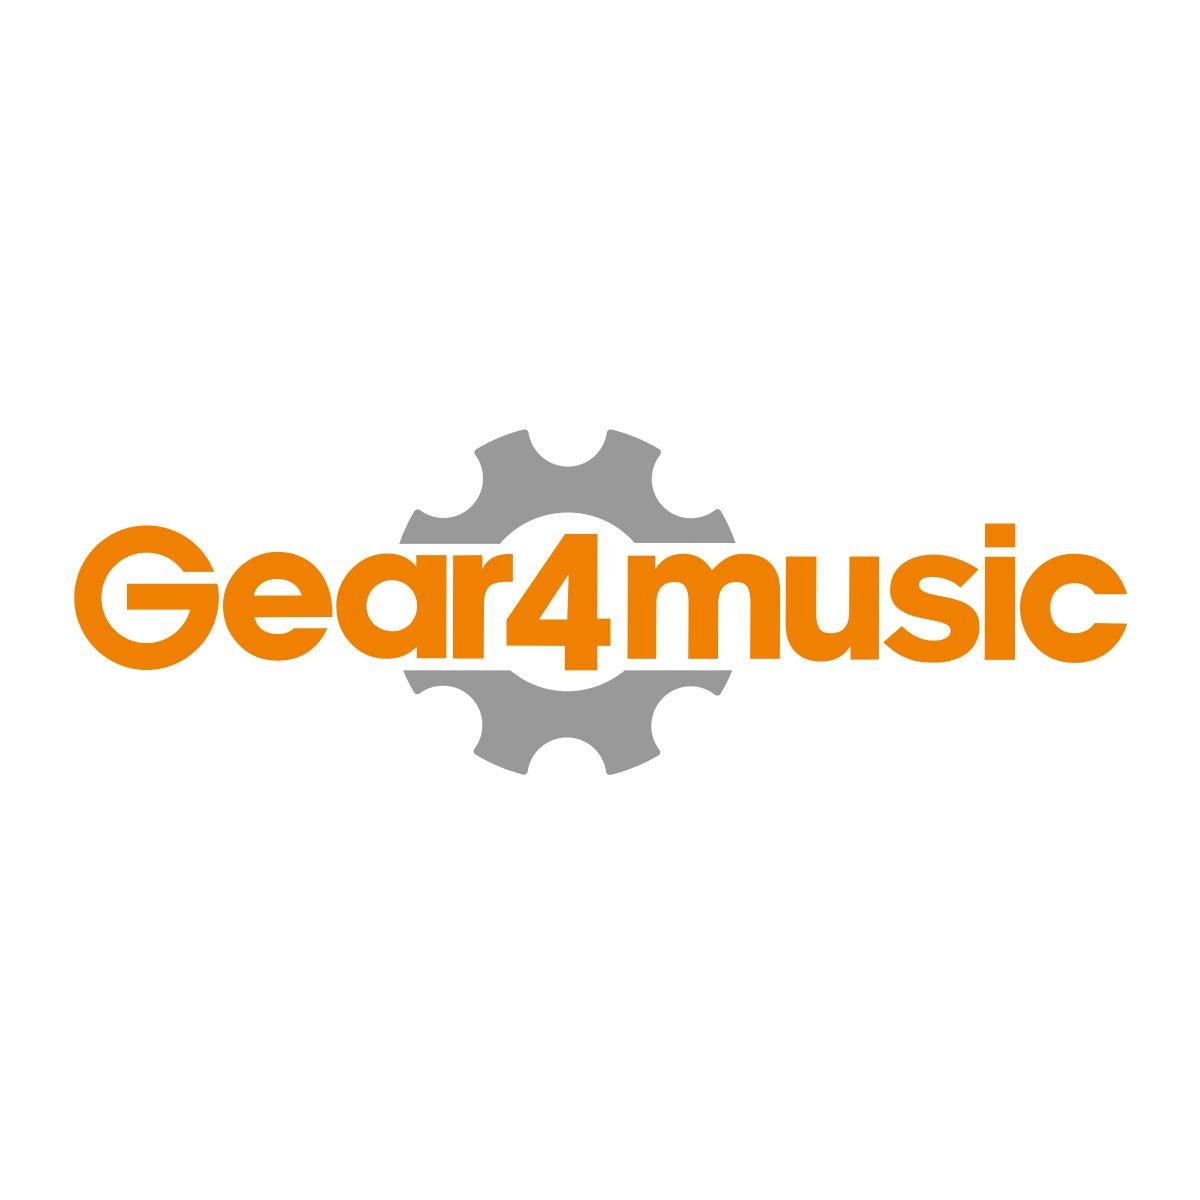 15W gitarrförstärkare av Gear4Music - öppnad kartong